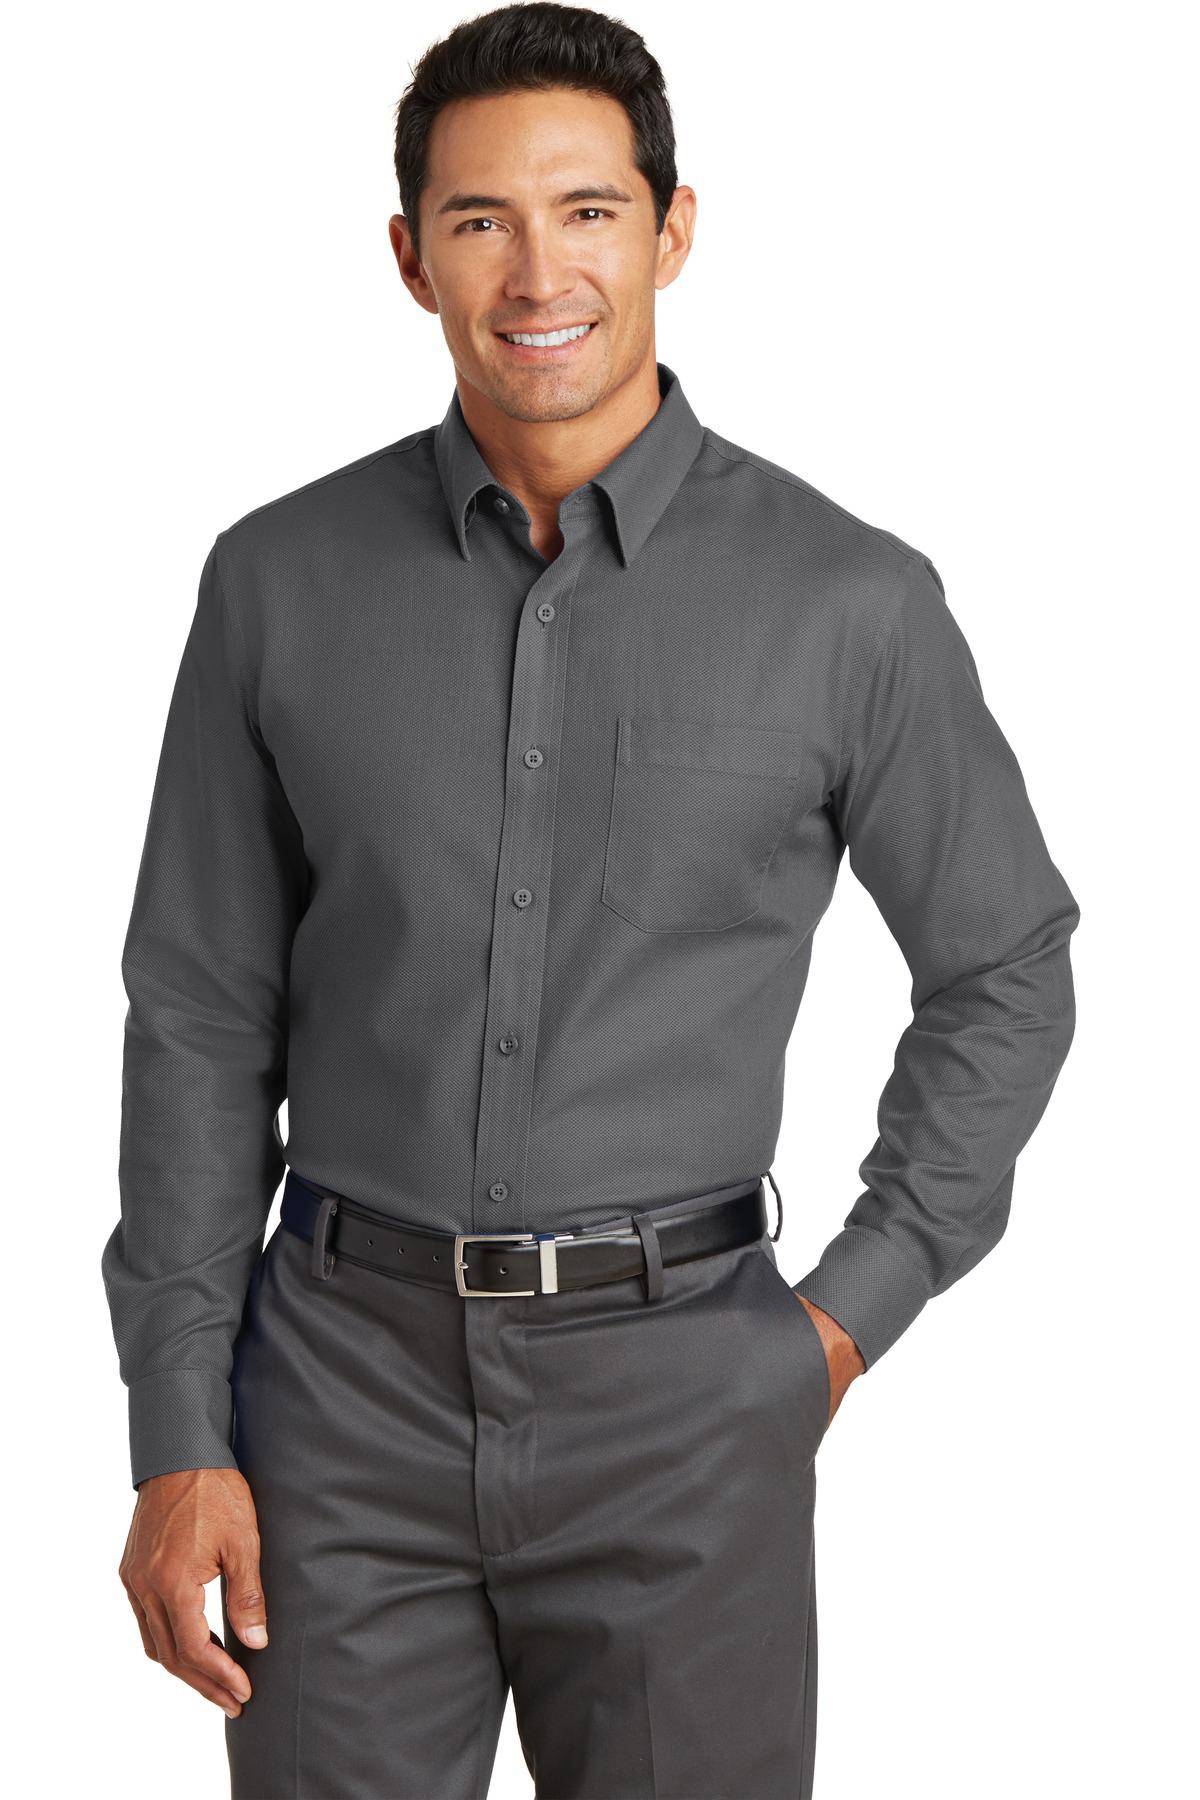 cb56648e712 Red House® Non-Iron Diamond Dobby Shirt | Easy Care | Woven ...